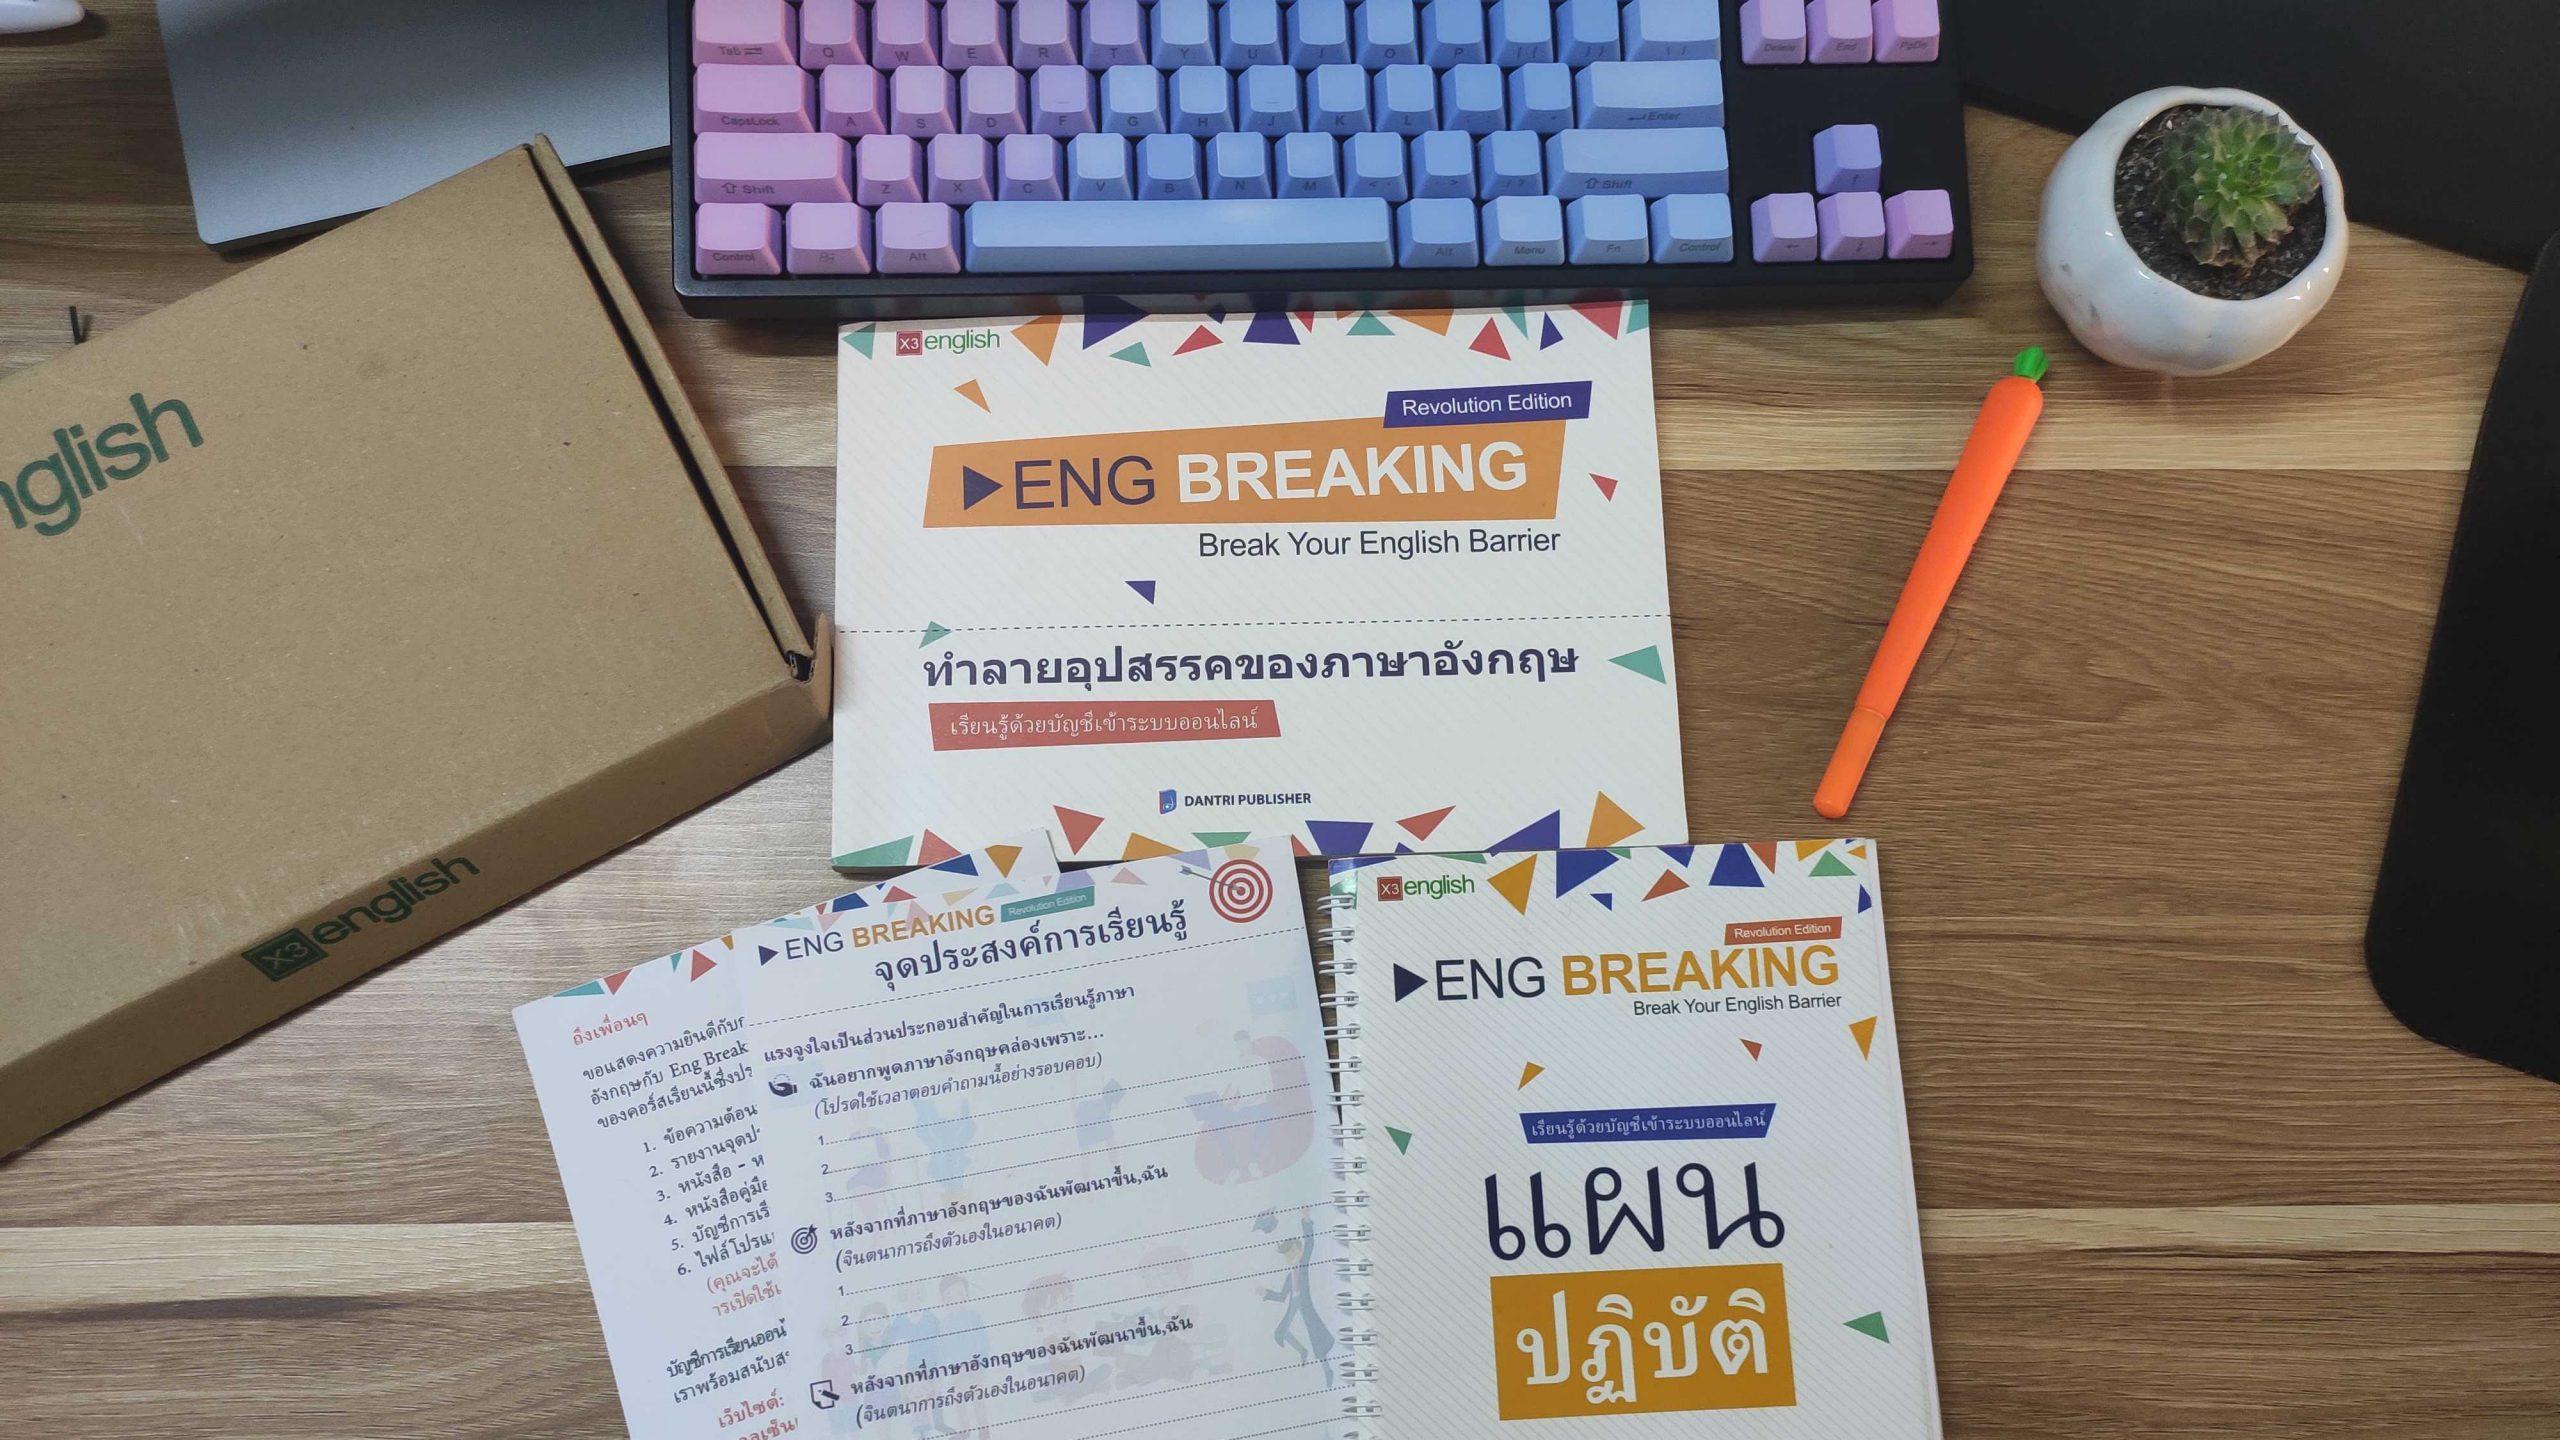 Eng Breaking เรียนภาษาอังกฤษออนไลน์ เรียนออนไลน์